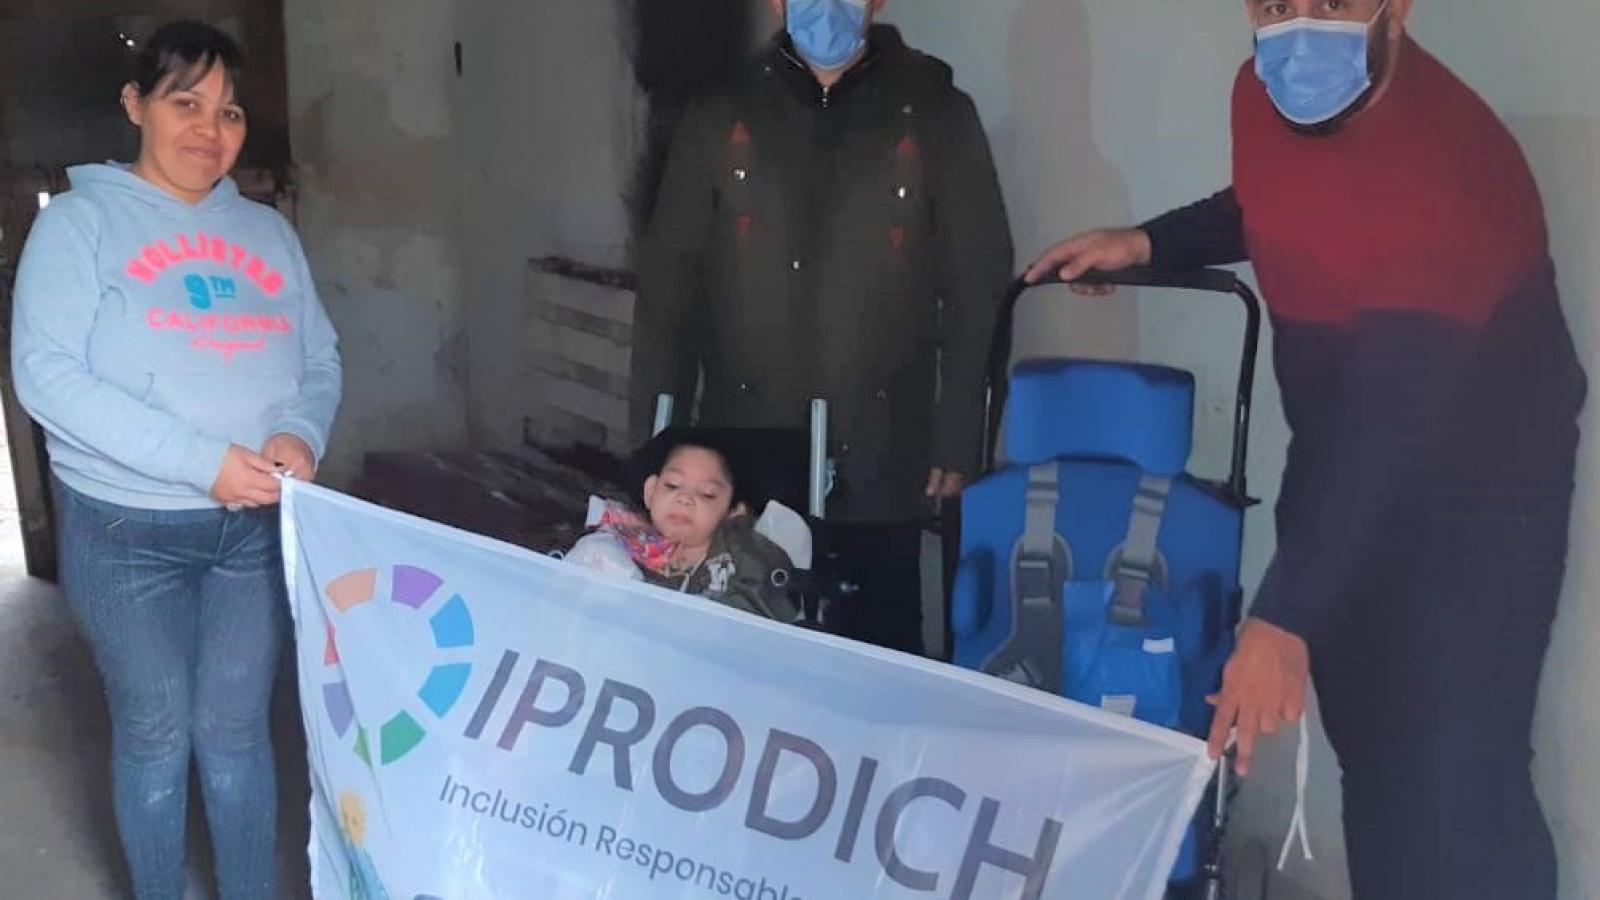 Equipo del IPRODICH haciendo entrega de una silla de ruedas postural